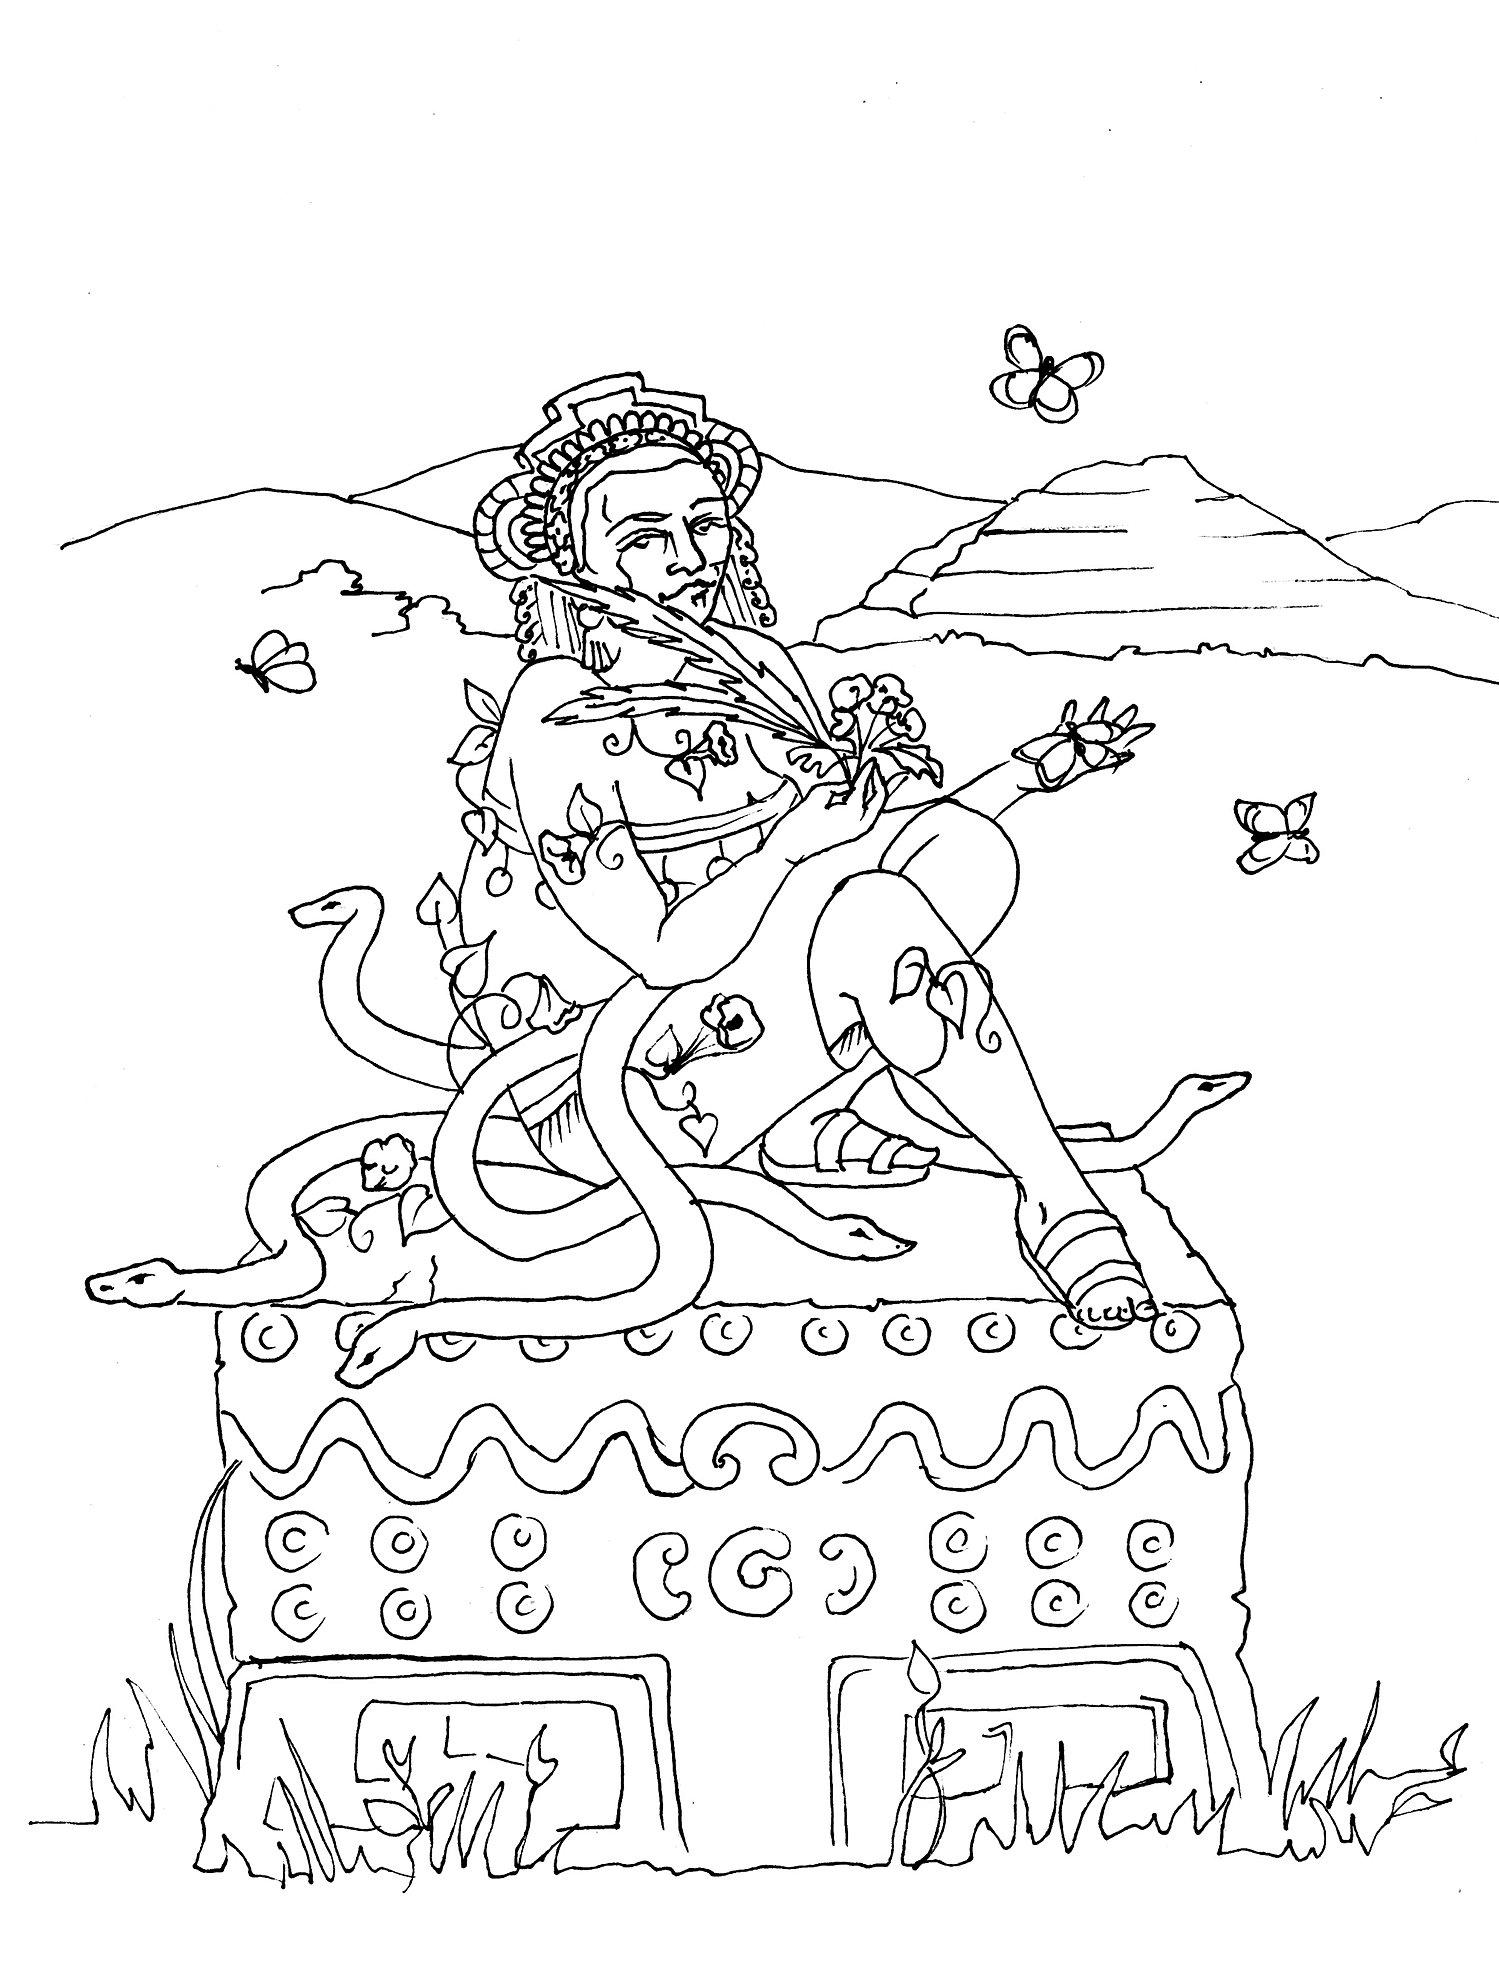 Xochi Quetzal Coloring Page